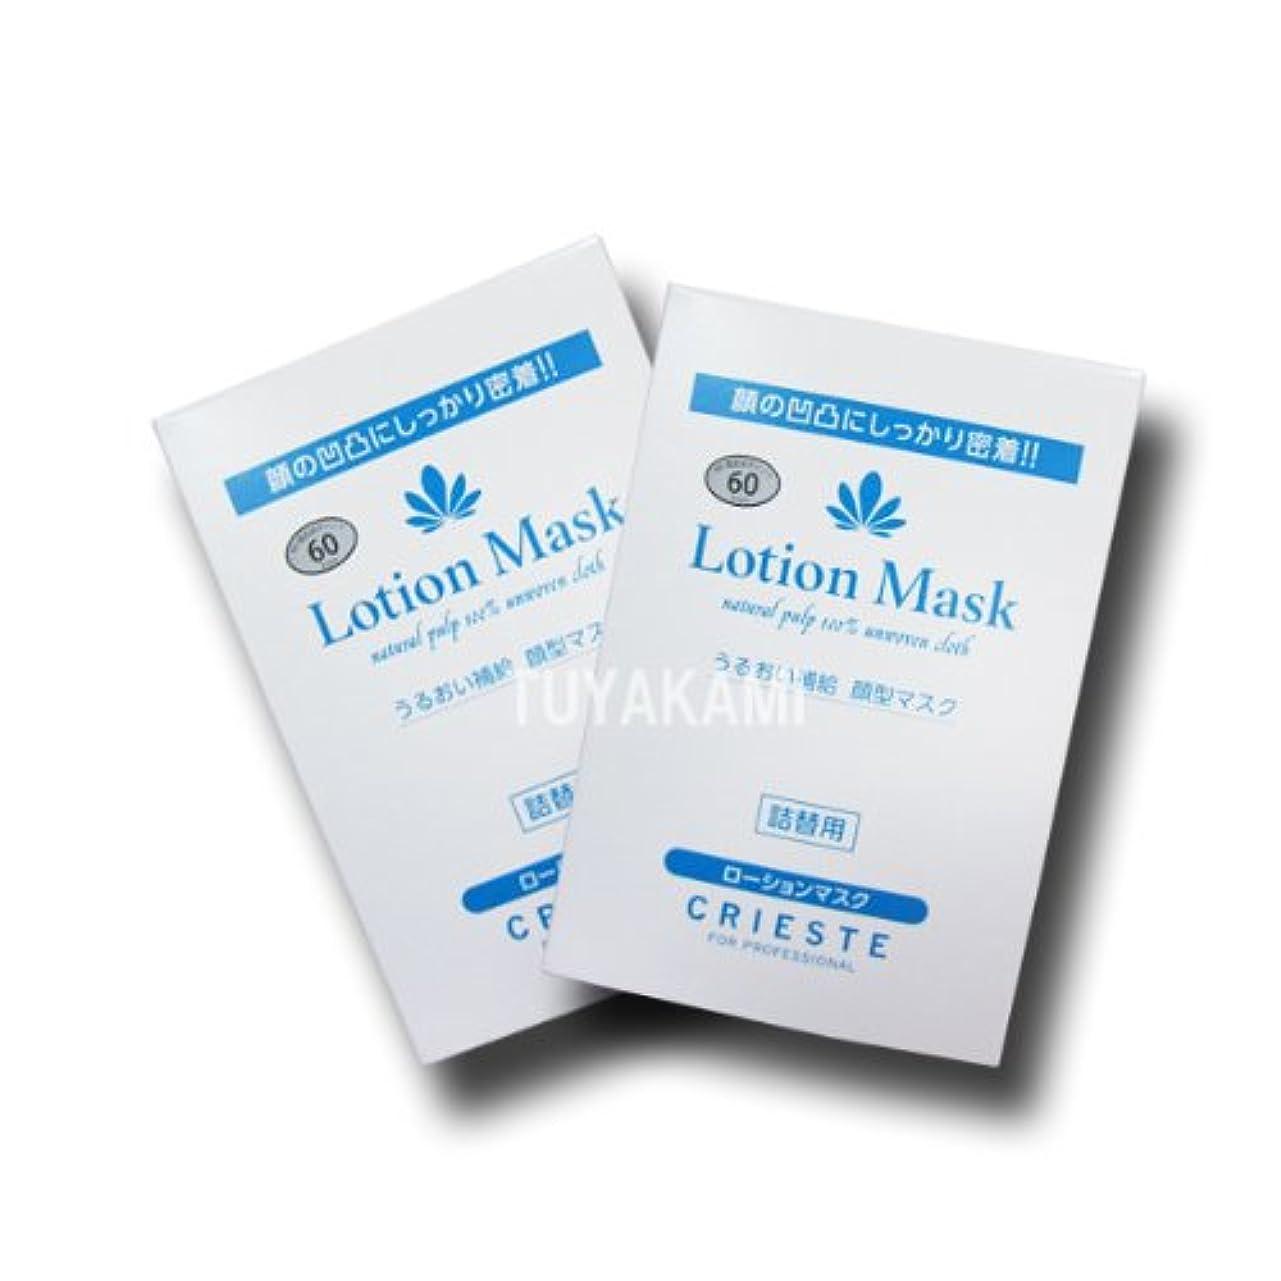 タオル経由でもっと少なくクリエステ ローションマスク 詰替用 150コ入×2個